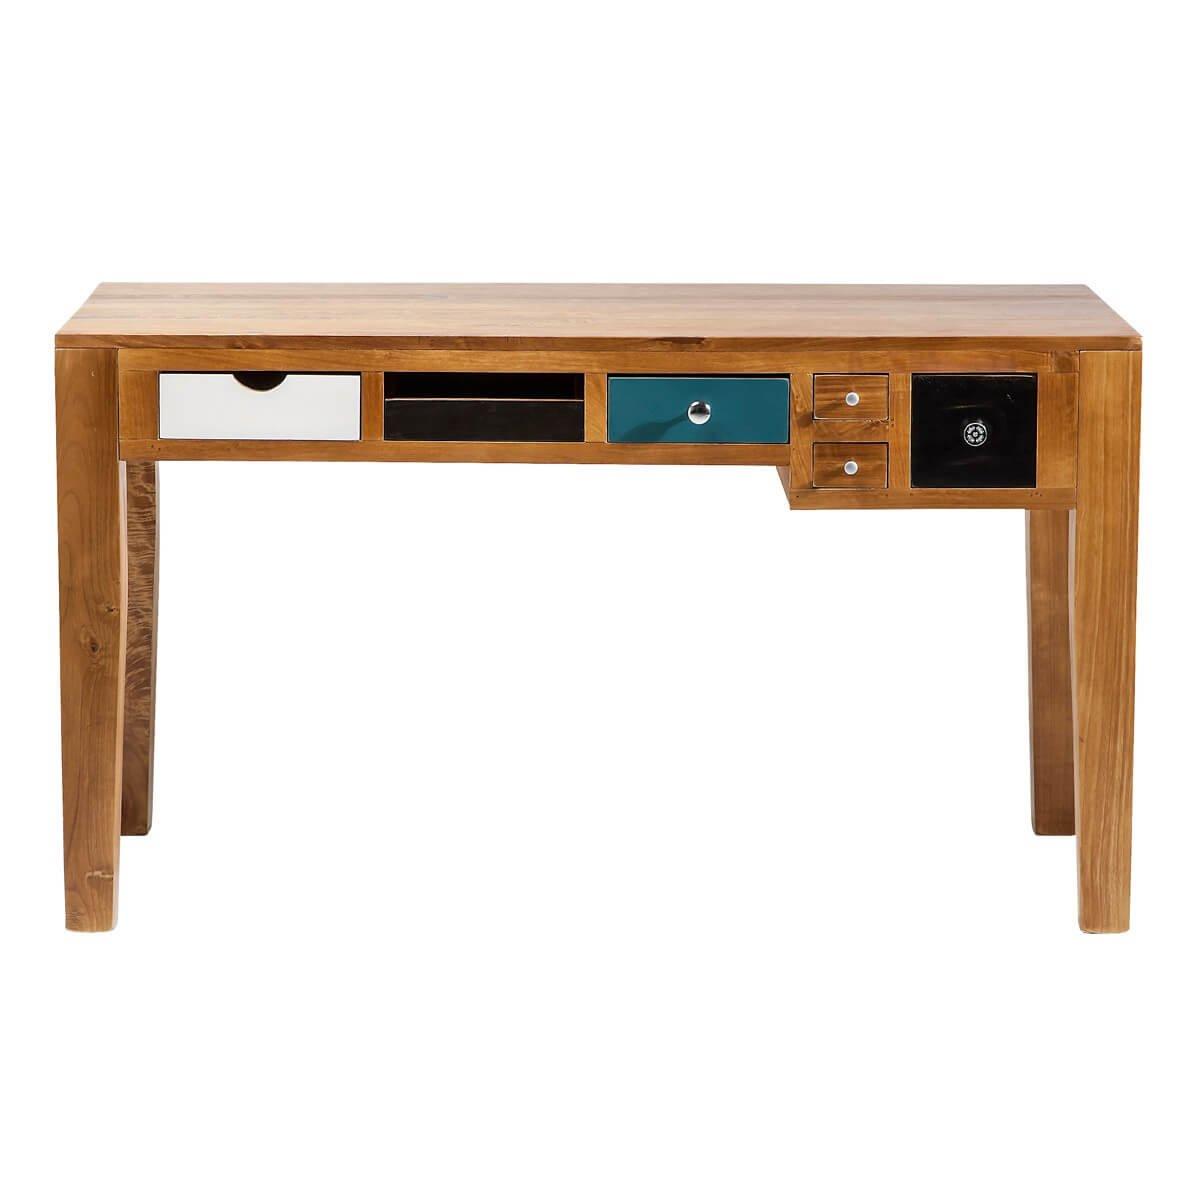 Großartig Schreibtisch Schmal Foto Von Kare Babalou Eu, 77752, Kleiner, Schmaler Pc-/tisch